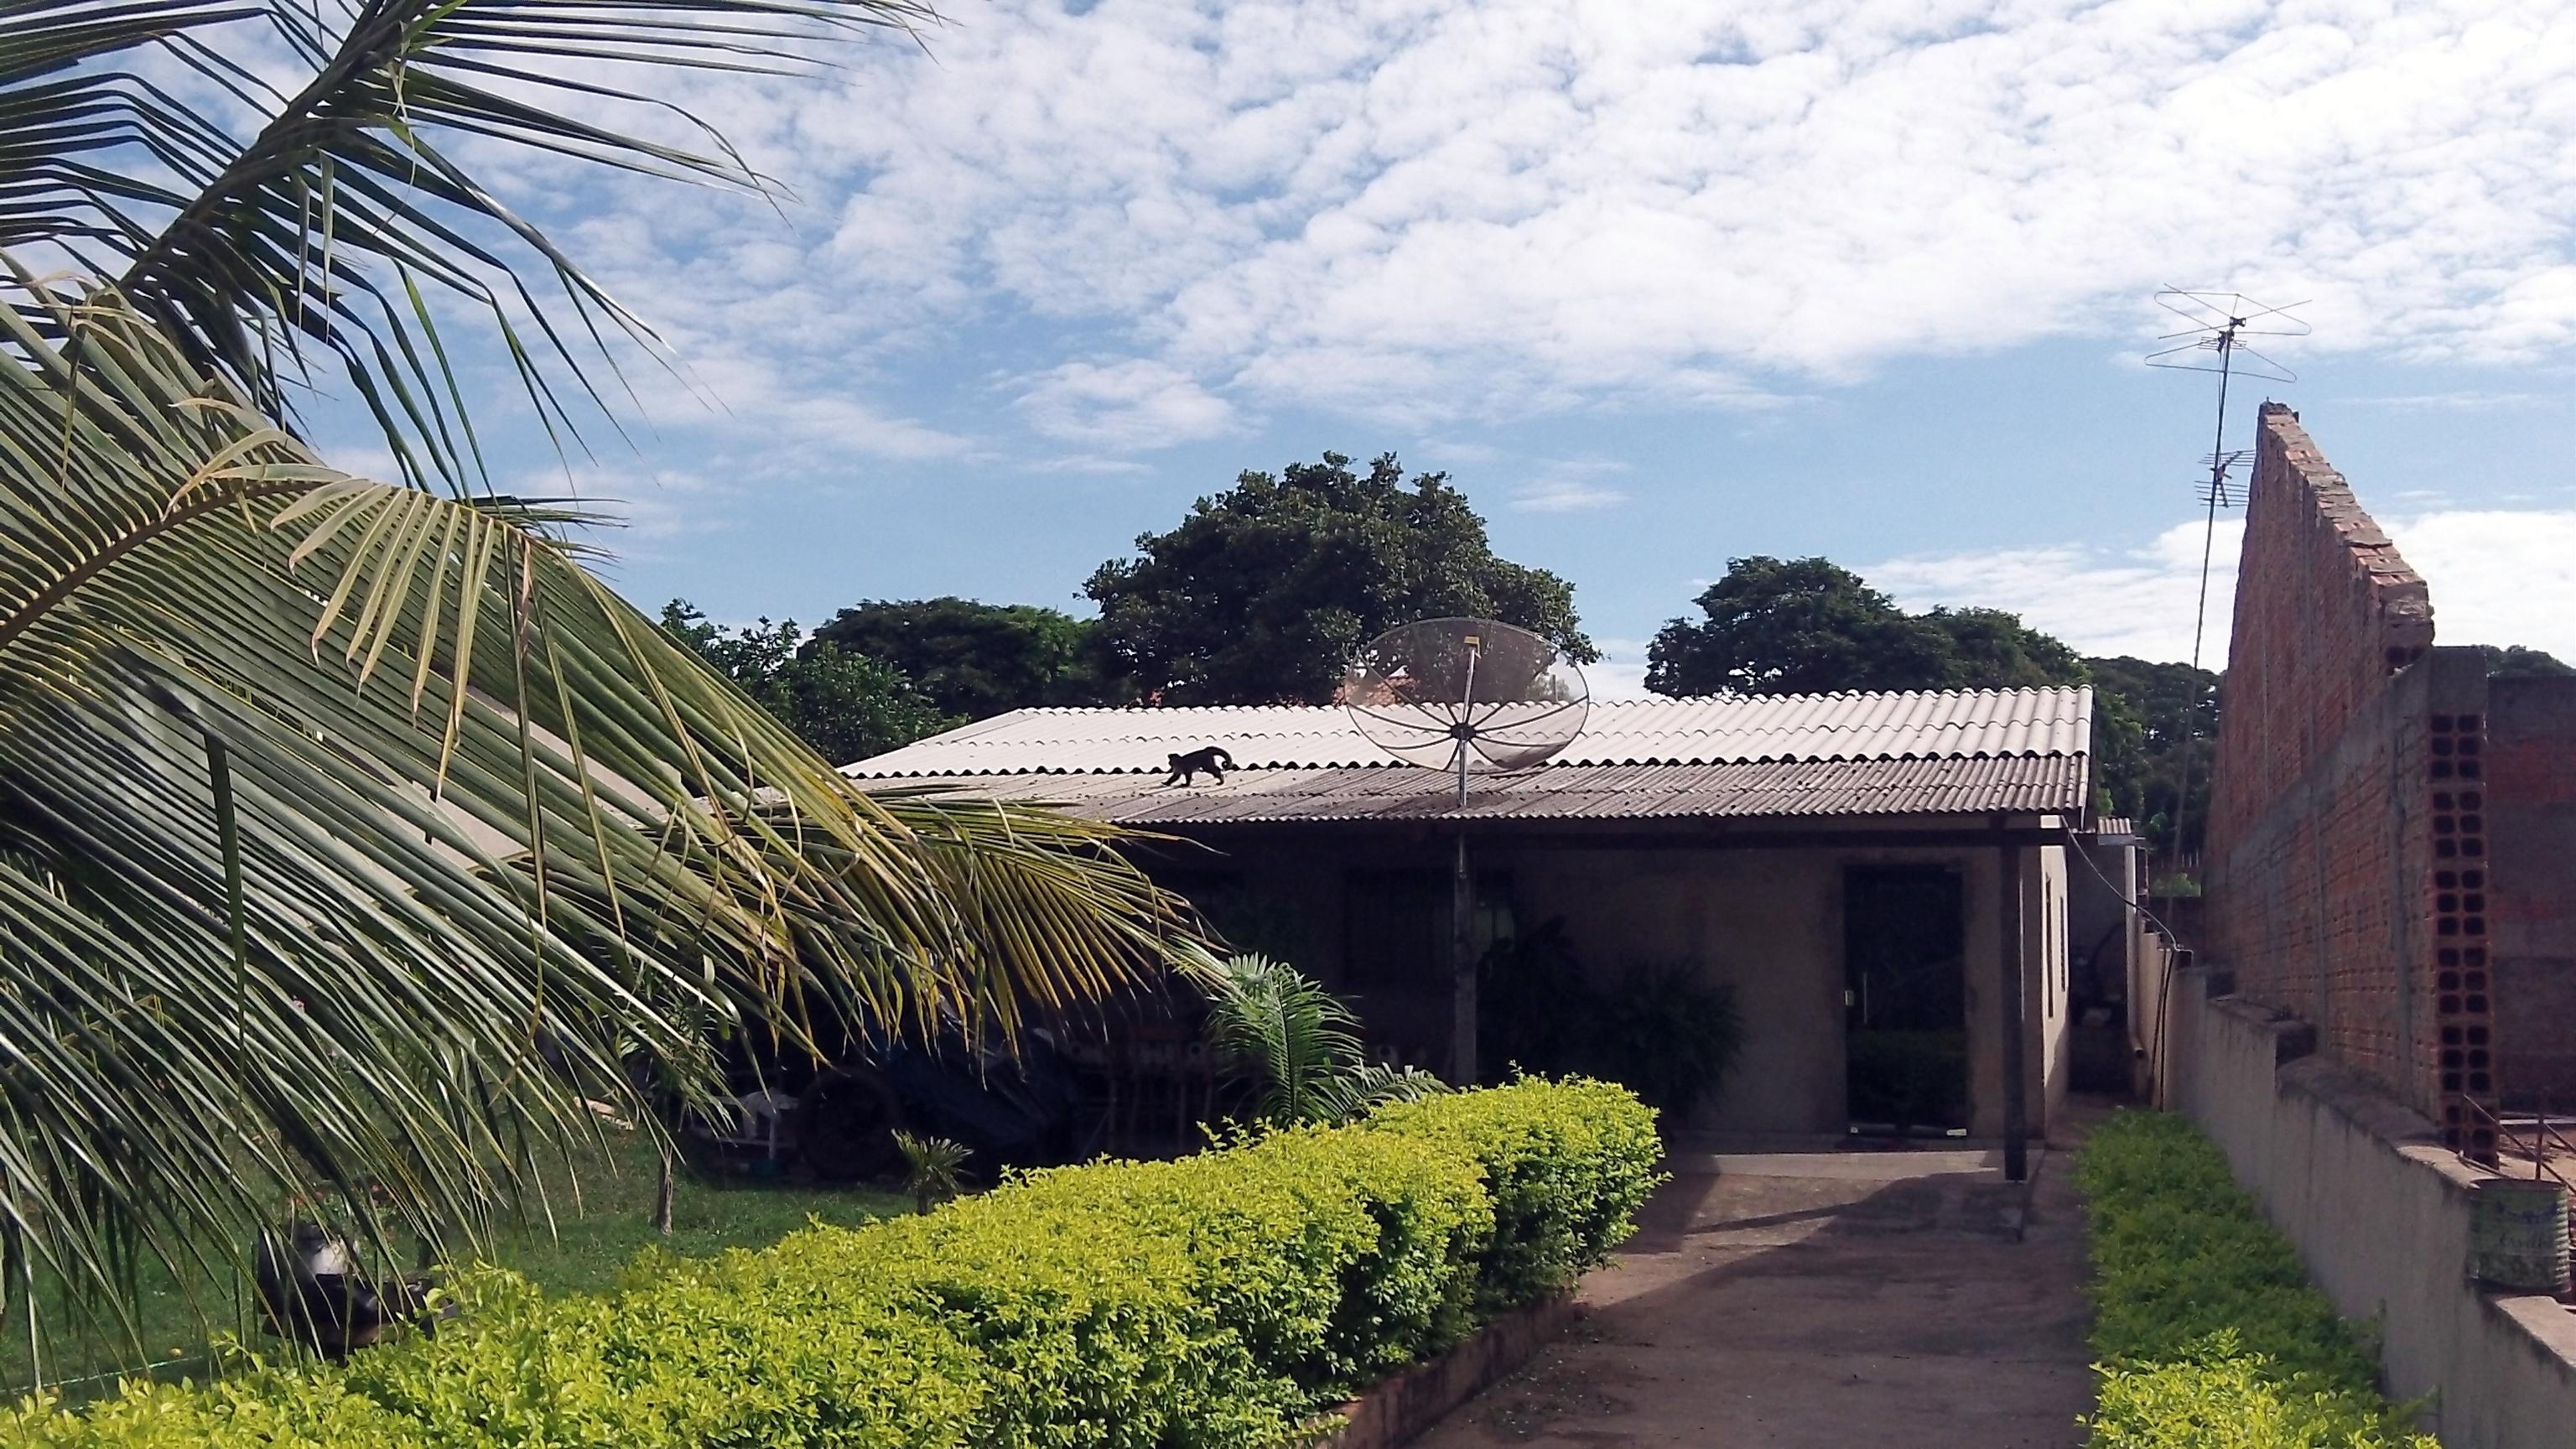 Um dos macaquinhos corre sobre o telhado da casa de dona Maria (Foto: David Arioch)